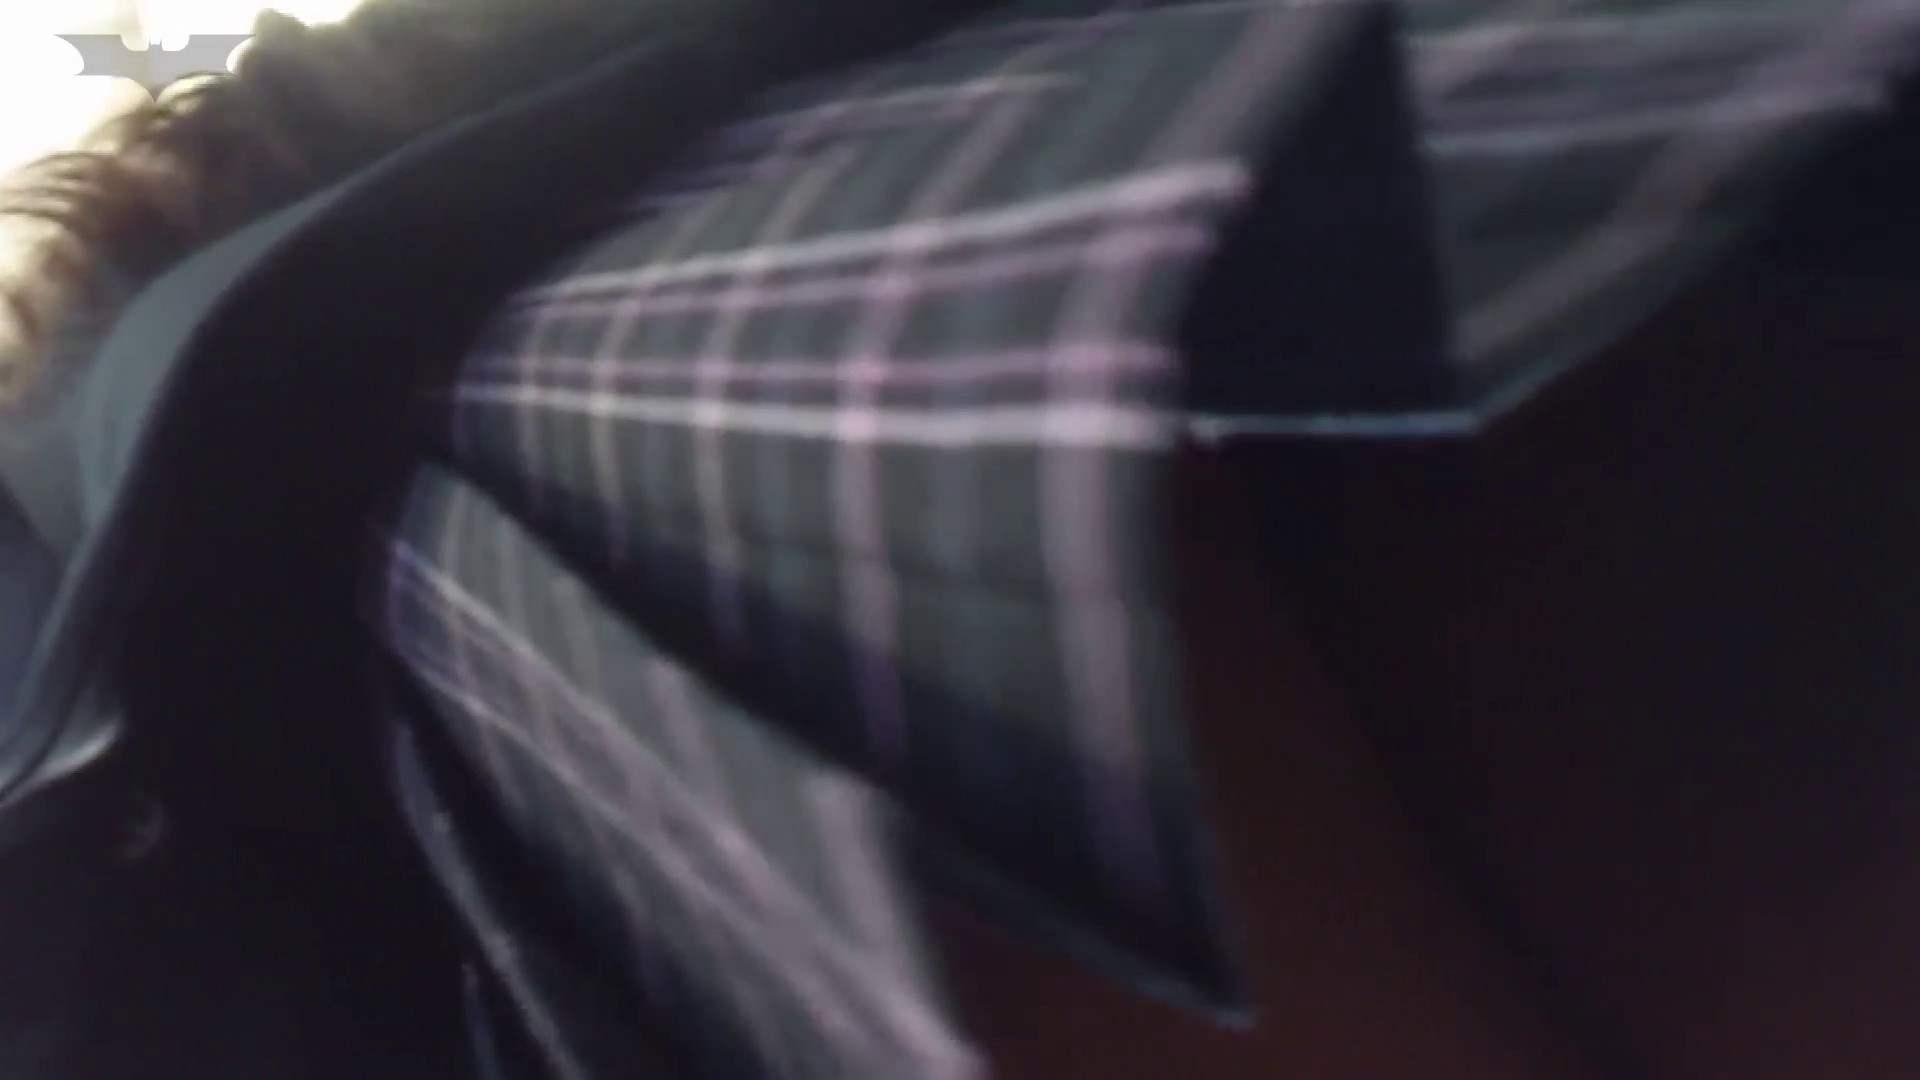 盗撮列車 Vol.14 お嬢様のバックプリントパンツ お嬢様のエロ動画 ワレメ動画紹介 99枚 54